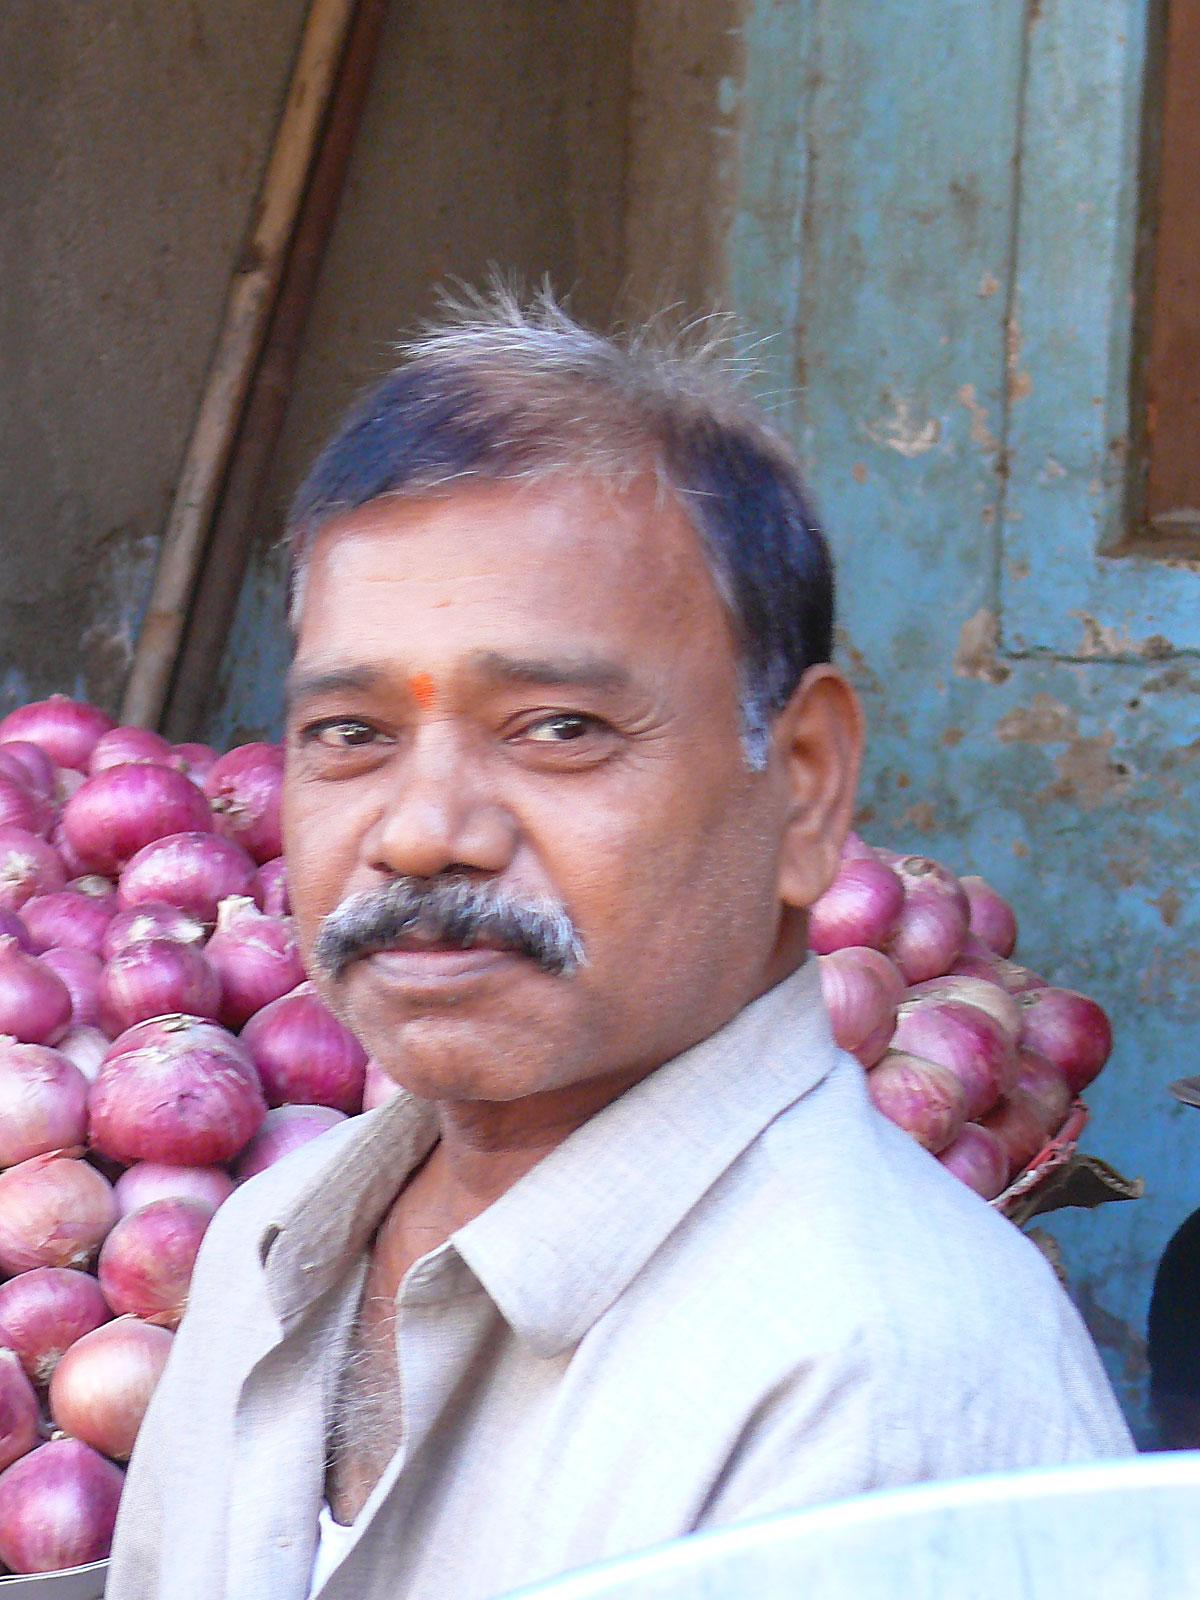 INDIEN MUMBAI Menschen Wohnen FINEST-onTour P1030470.jpg